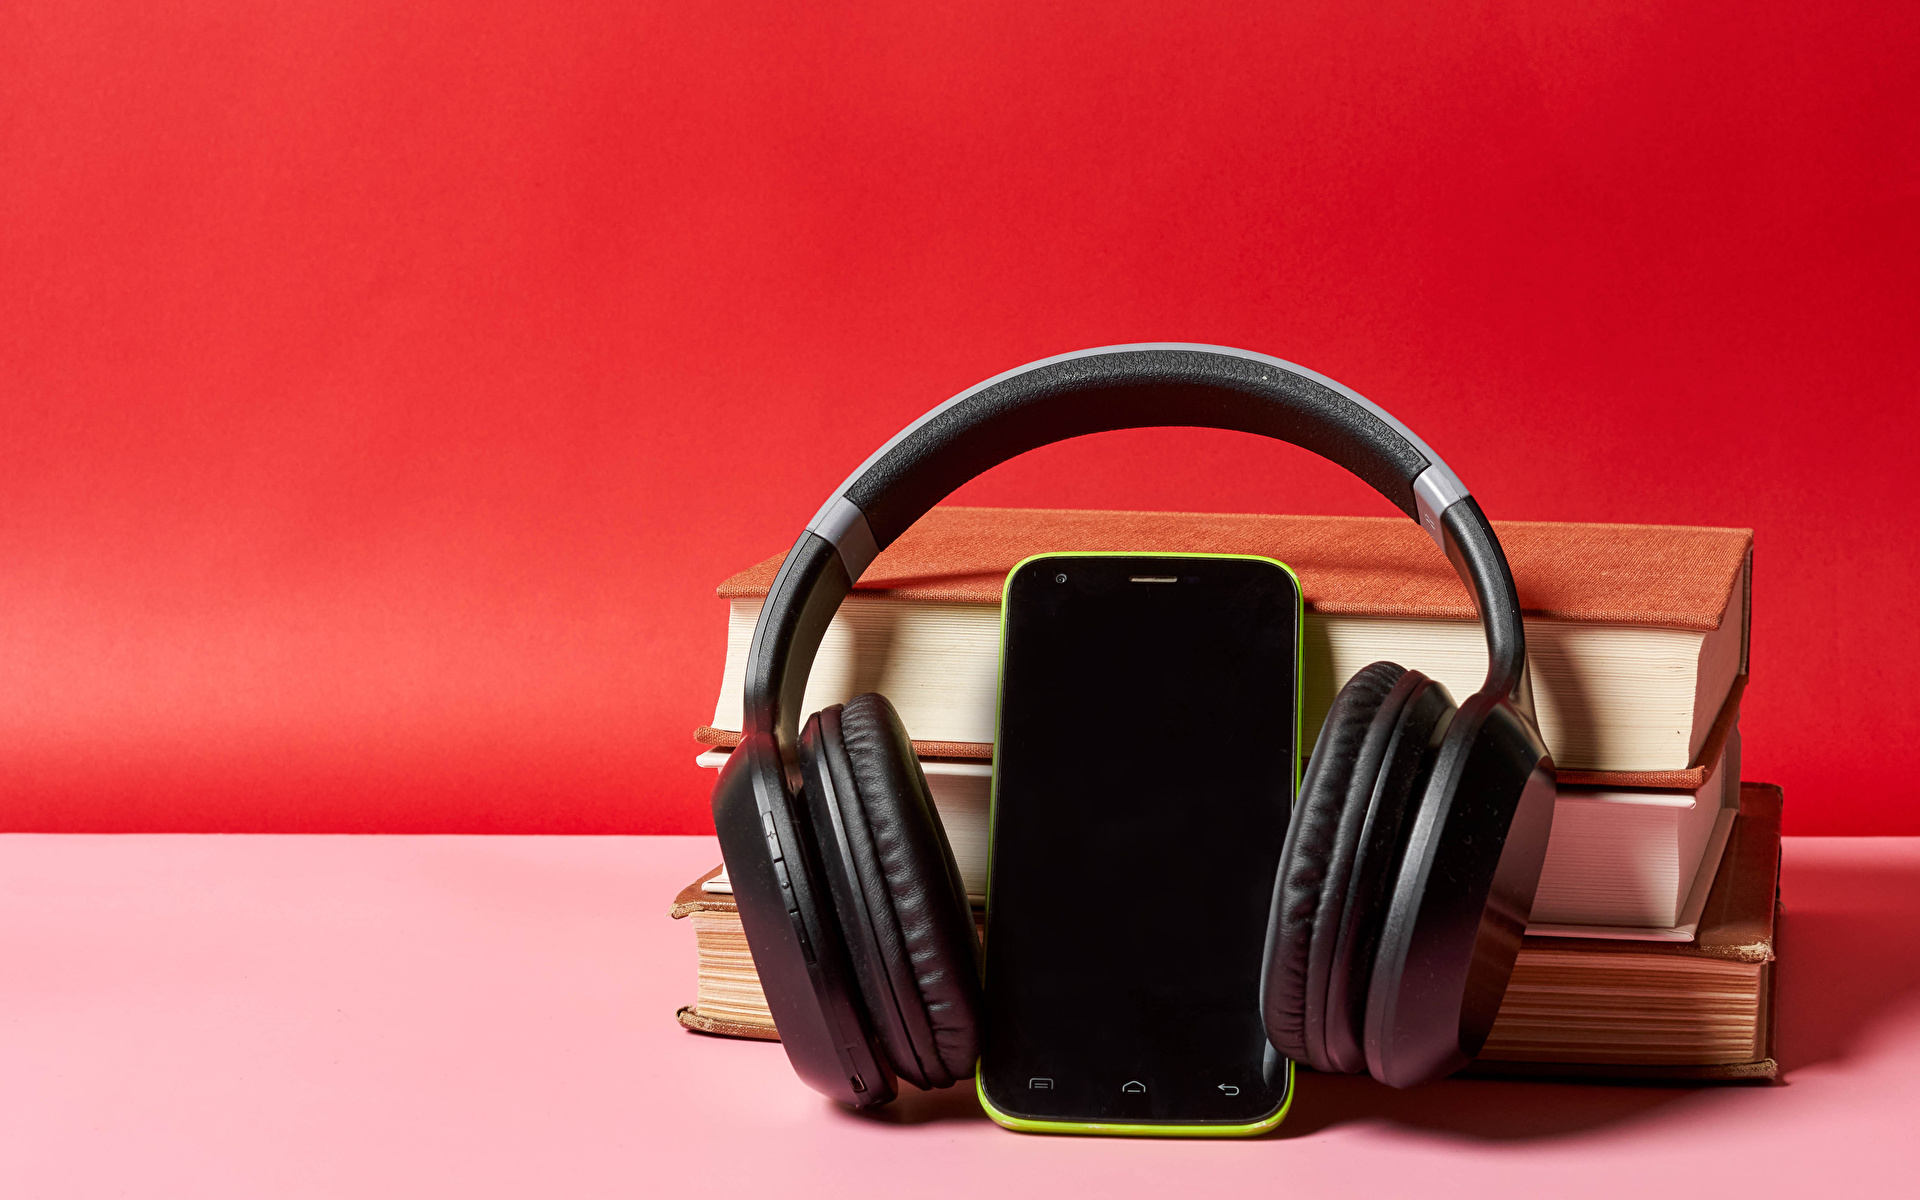 Фотография Наушники Смартфон Книга 1920x1200 в наушниках сматфоном смартфоны книги